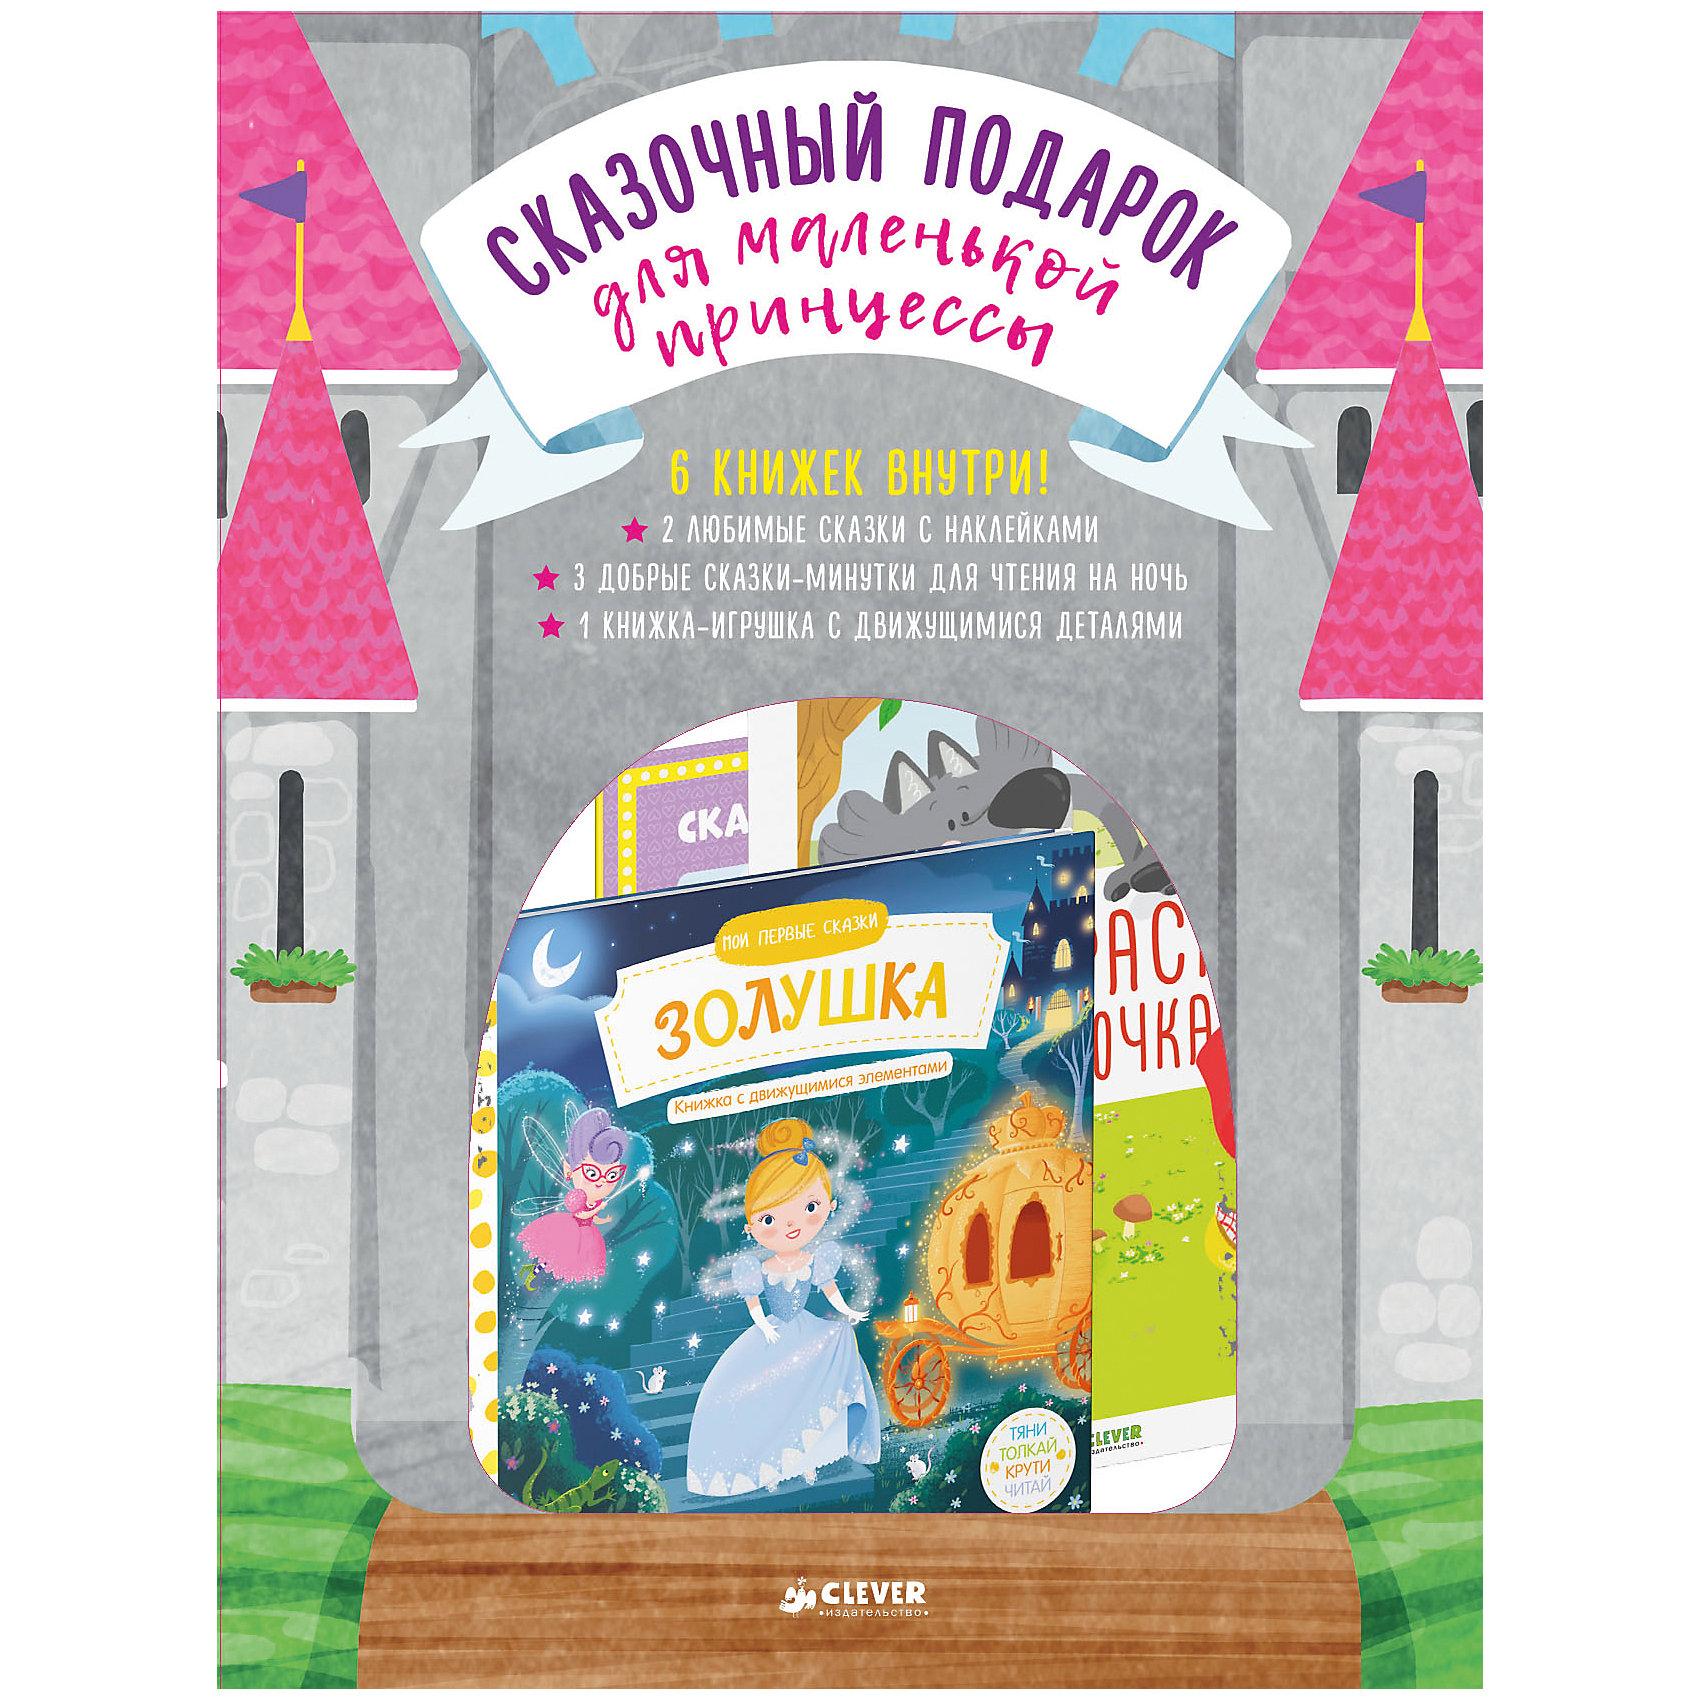 Чемодан Сказочный подарок для маленькой принцессы, 6 книгХарактеристики товара:<br><br>• материал: бумага<br>• с наклейками, с подвижными элементами<br>• страниц: 152<br>• формат: 220x290 мм (60х90 1/8)<br>• офсетная бумага<br>• упаковка: чемоданчик<br>• комплектация: 6 книг <br>• содержание: Белоснежка и семь гномов. Красная шапочка, Крошечка-хаврошечка, Василиса Премудрая и морской царь, Серебряное копытце и Золушка.<br>• цветные иллюстрации<br>• страна производства: Российская Федерация<br><br>В этом чемоданчике собраны интересные и поучительные сказки, которые дополнены красочными иллюстрациями. Эти сказки помогут родителям развлечь малыша и одновременно помочь ему развиваться. Специальные обозначения покажут, сколько времени у вас займет чтение той или иной сказки - пять, десять или пятнадцать минут. <br>Изделия очень качественно выполнены, обложка - красивая. Формат - удобный. Такой набор станет отличным подарком для ответственных родителей.<br><br>Издание Сказочный подарок для маленькой принцессы, 6 книг можно купить в нашем интернет-магазине.<br><br>Ширина мм: 284<br>Глубина мм: 214<br>Высота мм: 50<br>Вес г: 938<br>Возраст от месяцев: 48<br>Возраст до месяцев: 72<br>Пол: Женский<br>Возраст: Детский<br>SKU: 5279319